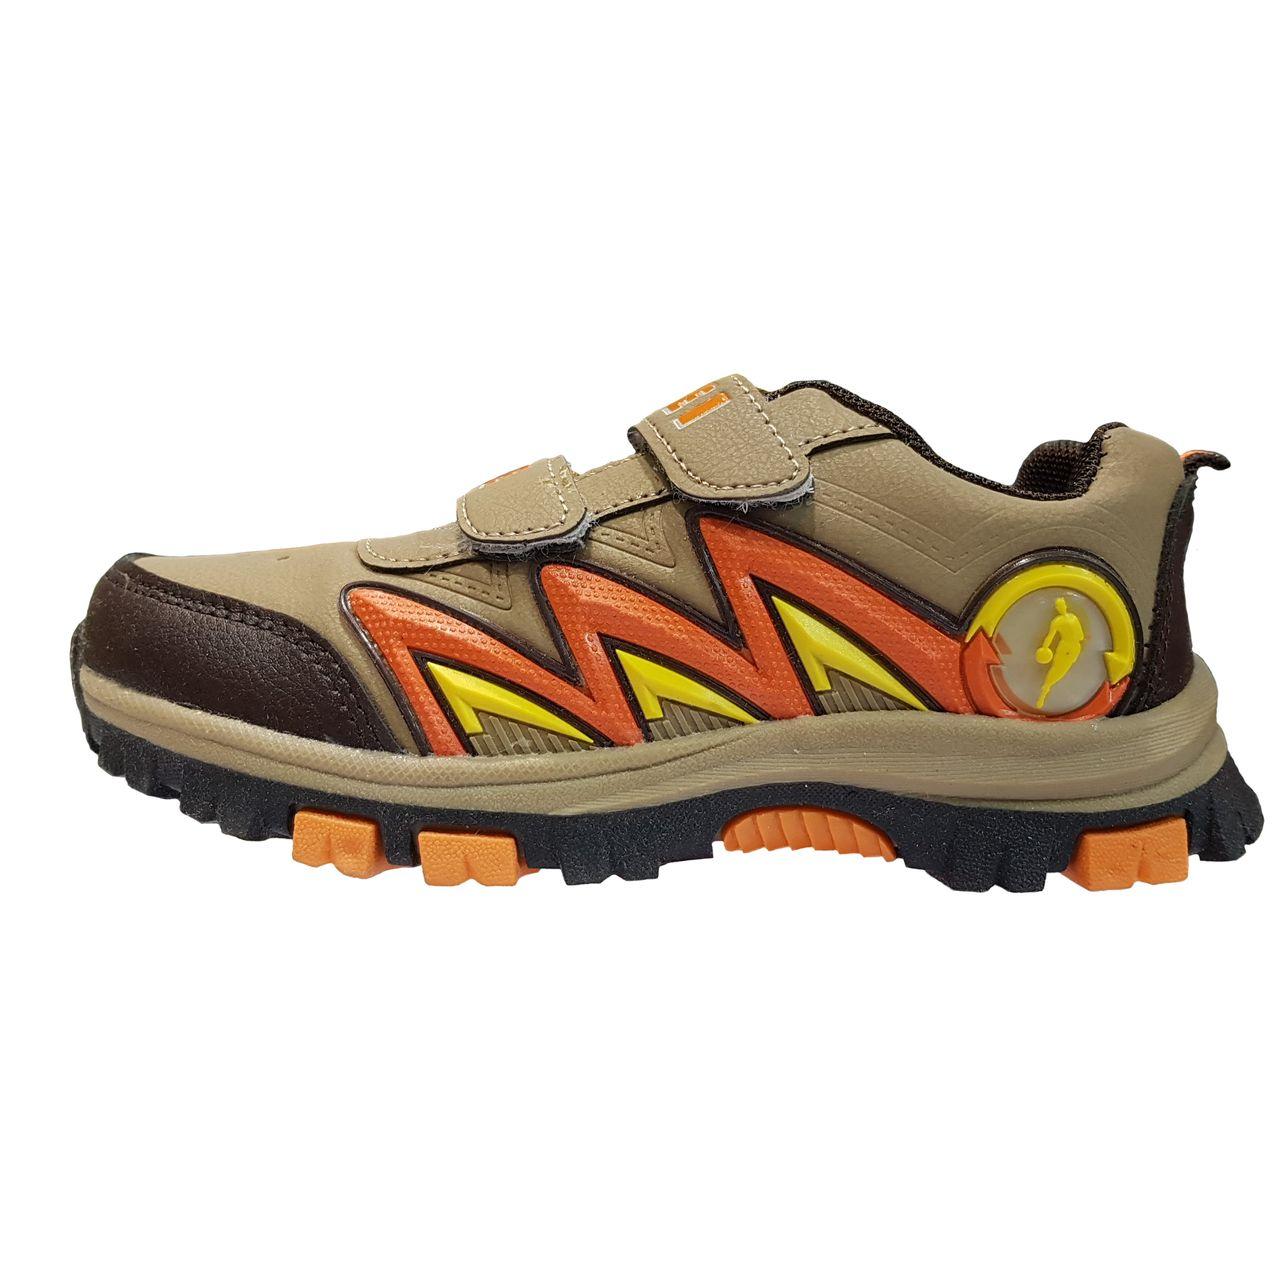 کفش دویدن پسرانه مدل A01 کد 4044429